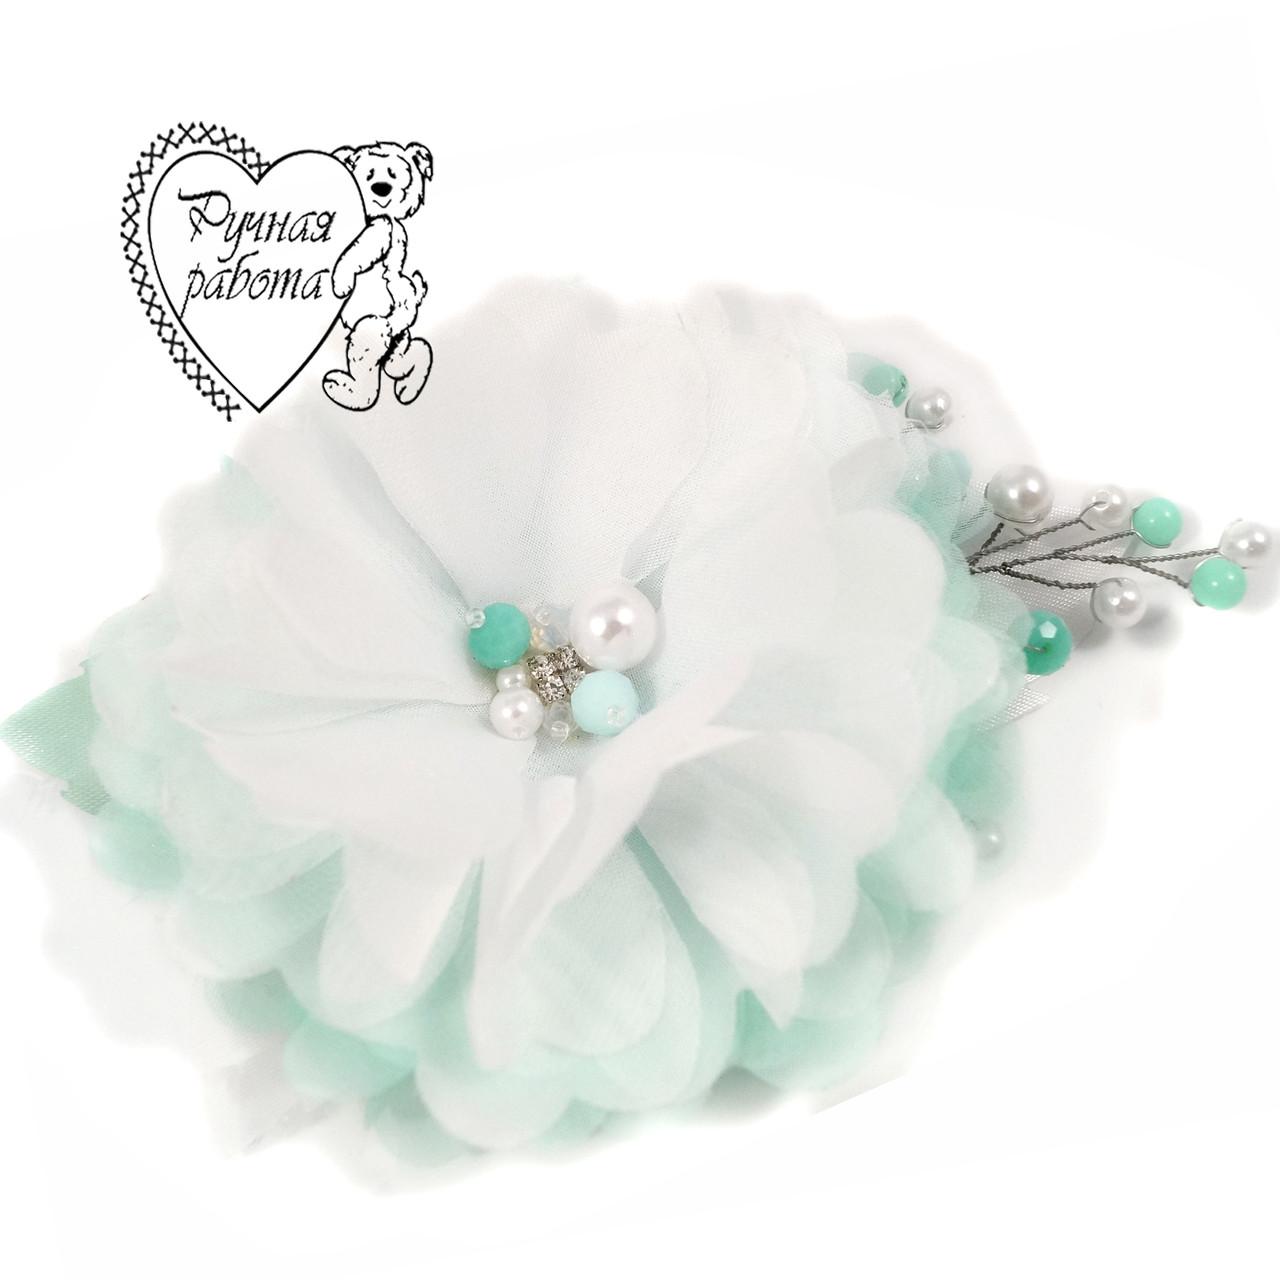 Шифоновый цветок с бусинами, на заколке или ободке, ручная работа, под заказ любой цвет